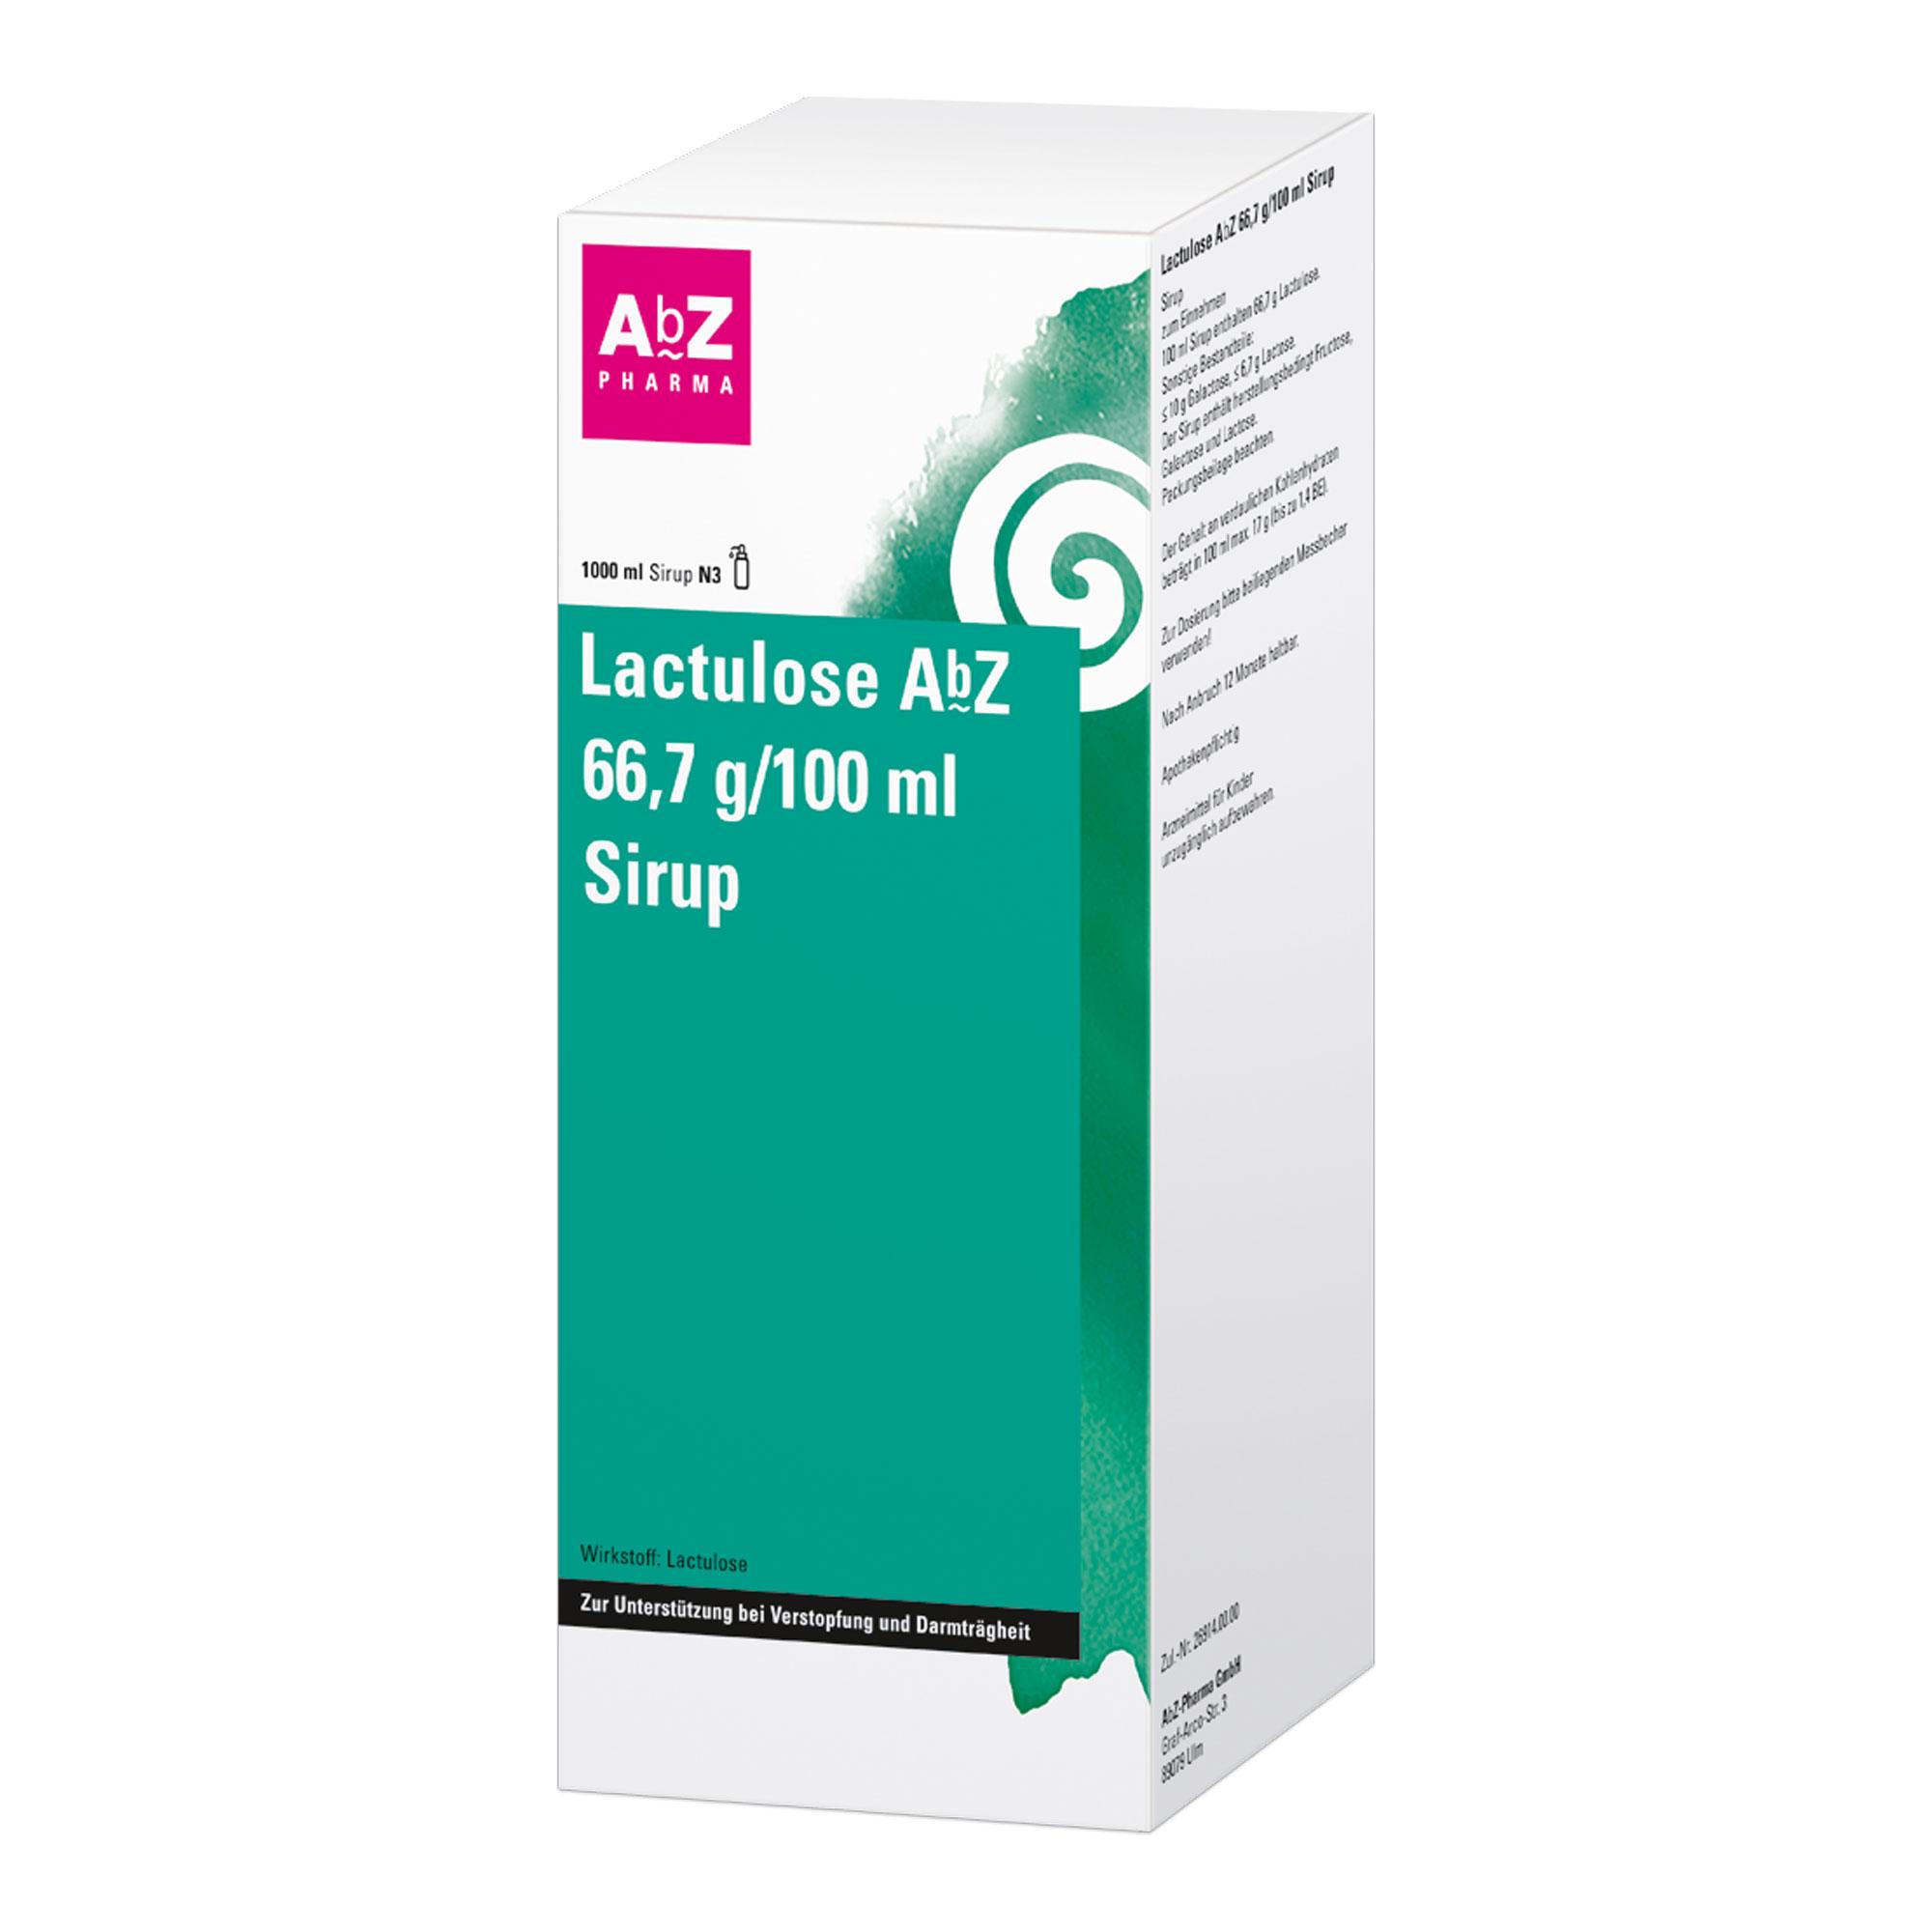 Lactulose AbZ